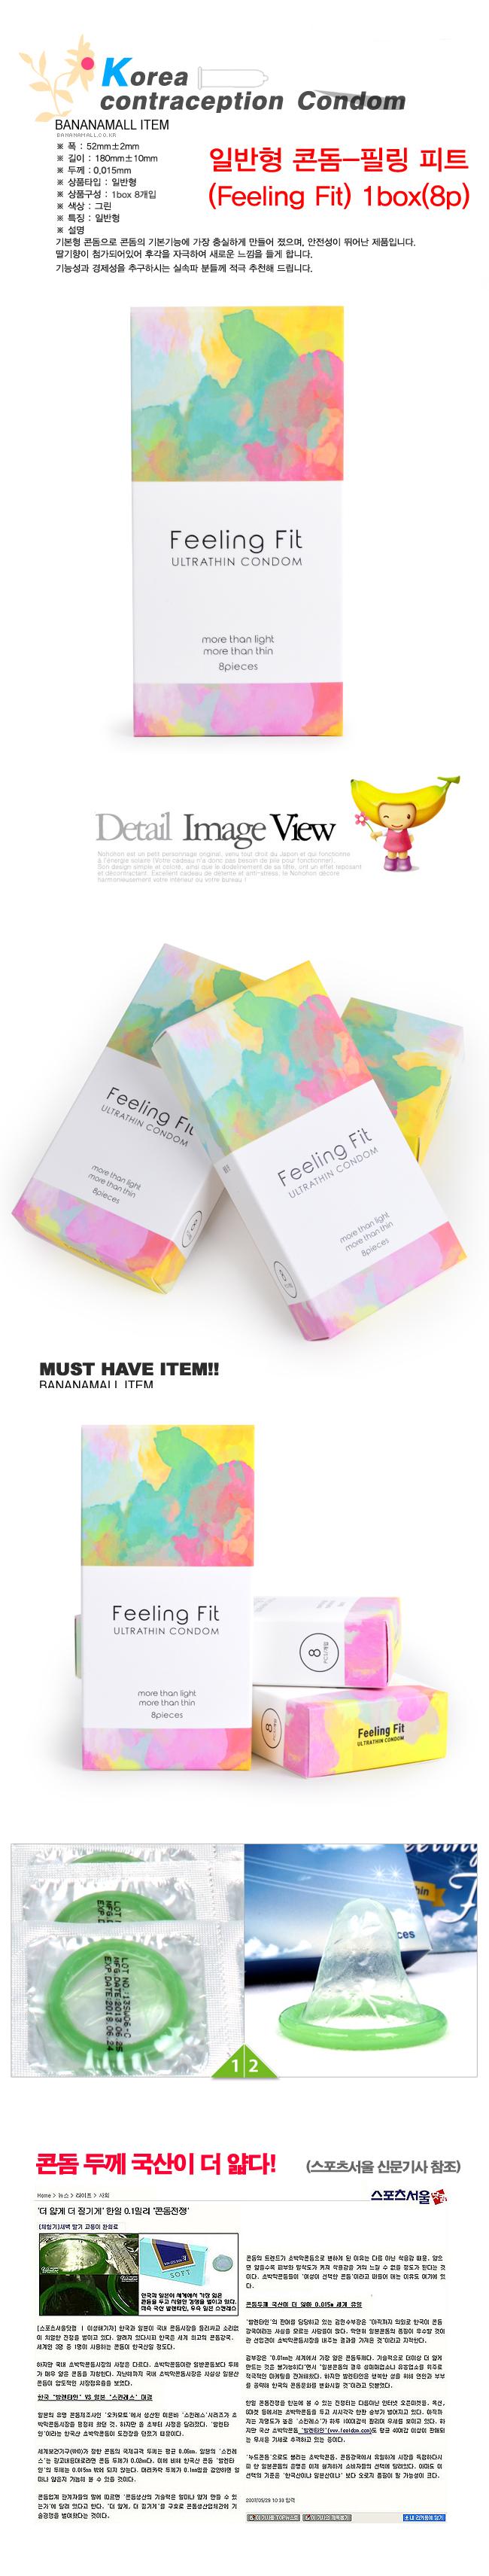 [일반형 콘돔] 필링 피트 5box 40p(Feeling Fit)